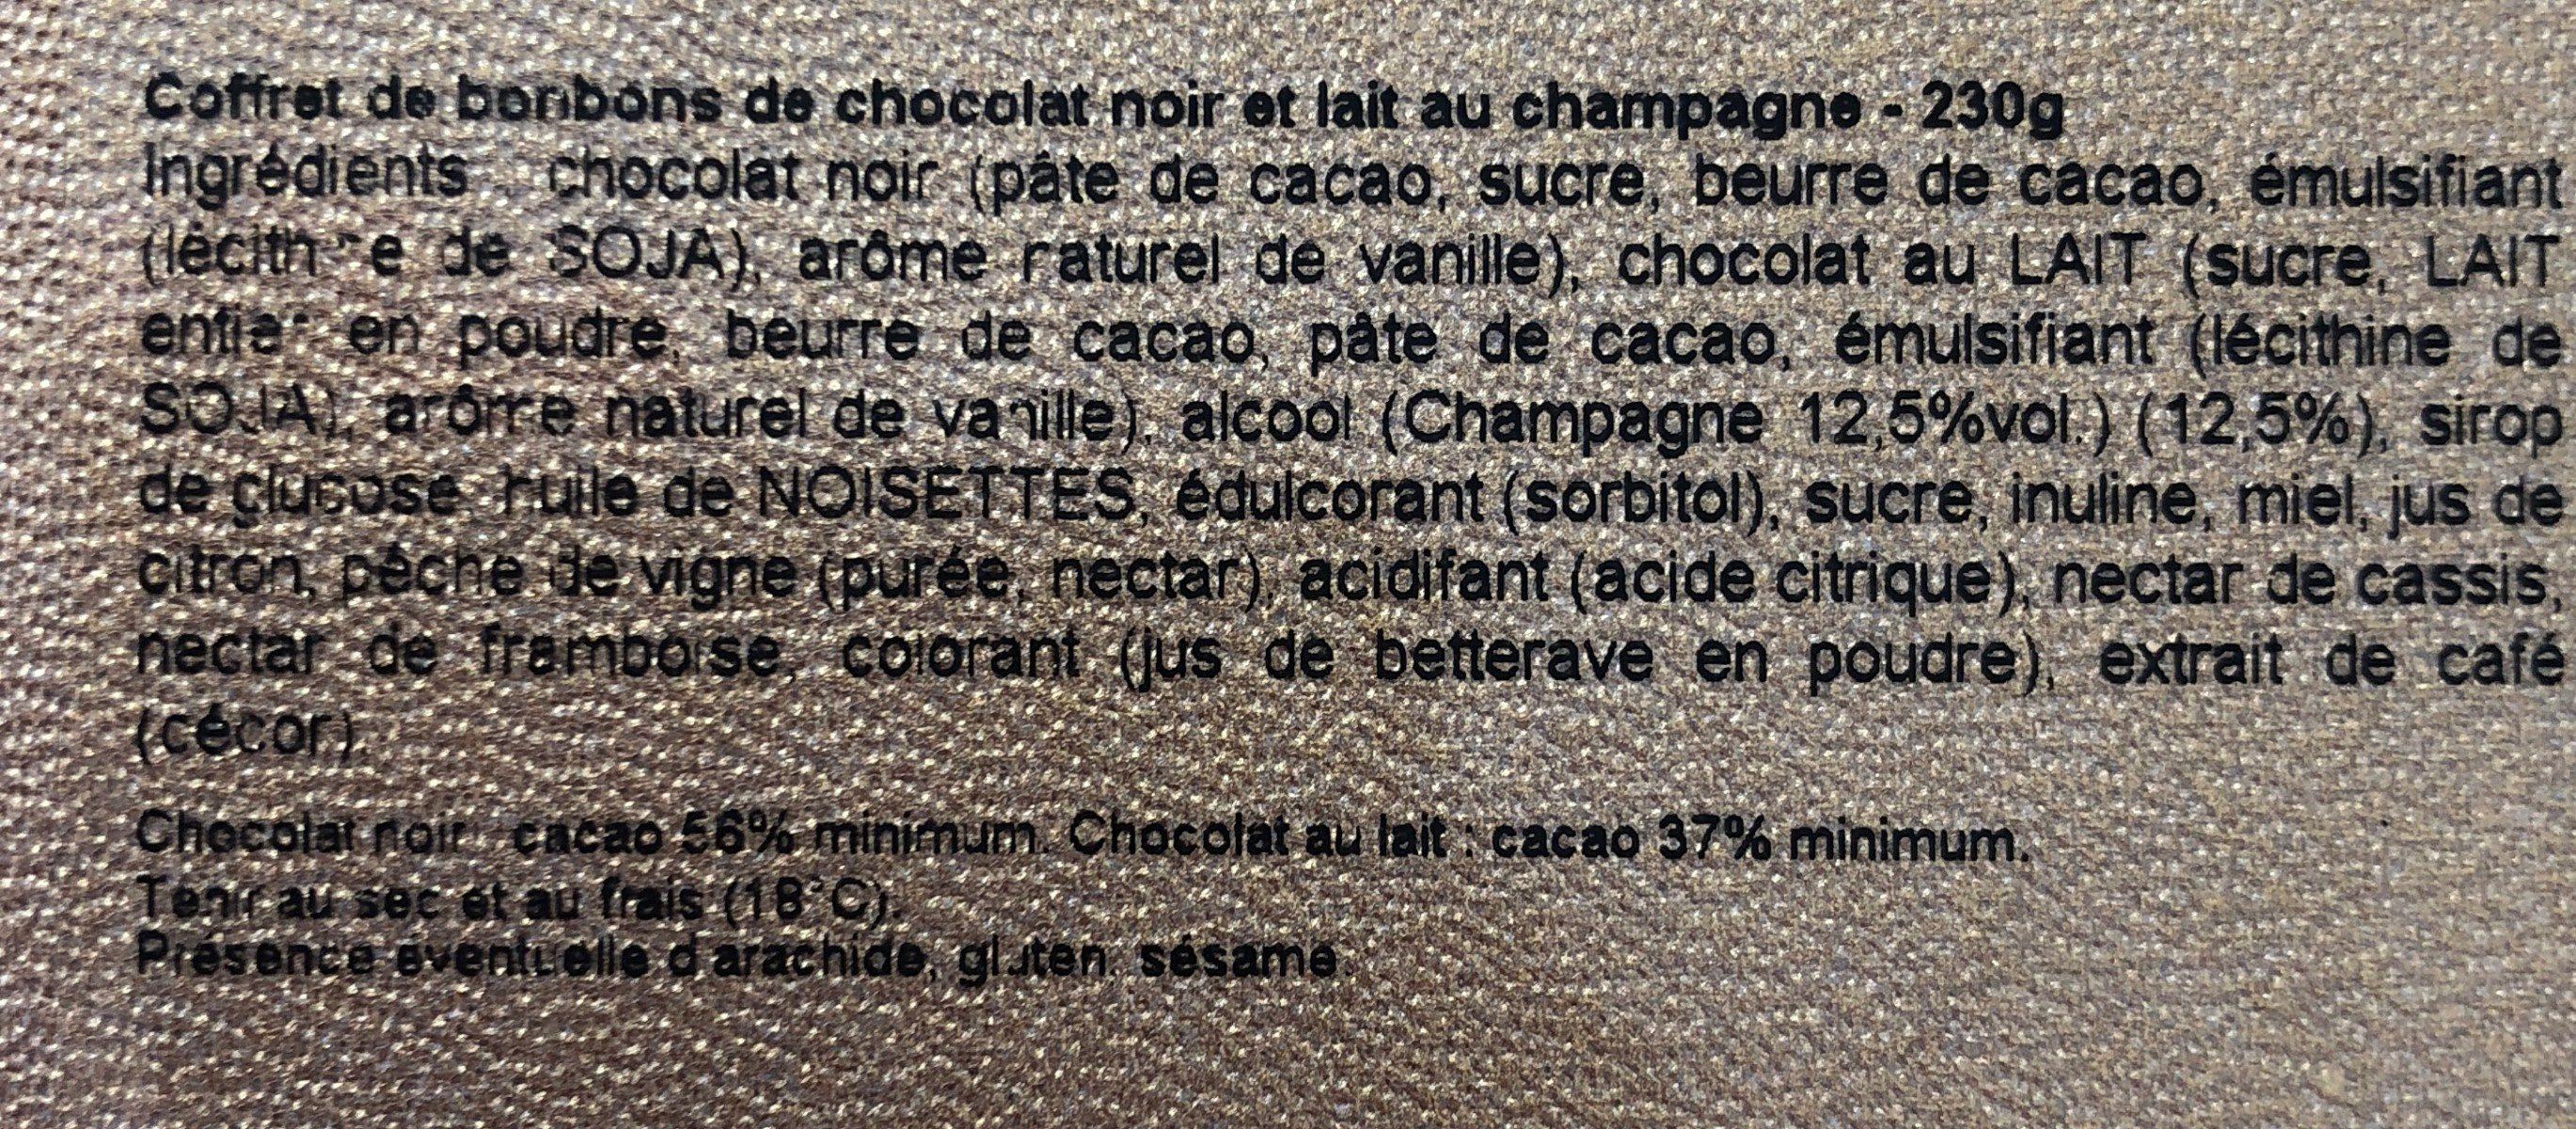 Coffret de bonbons de chocolat noir et lait au champagne - Ingrédients